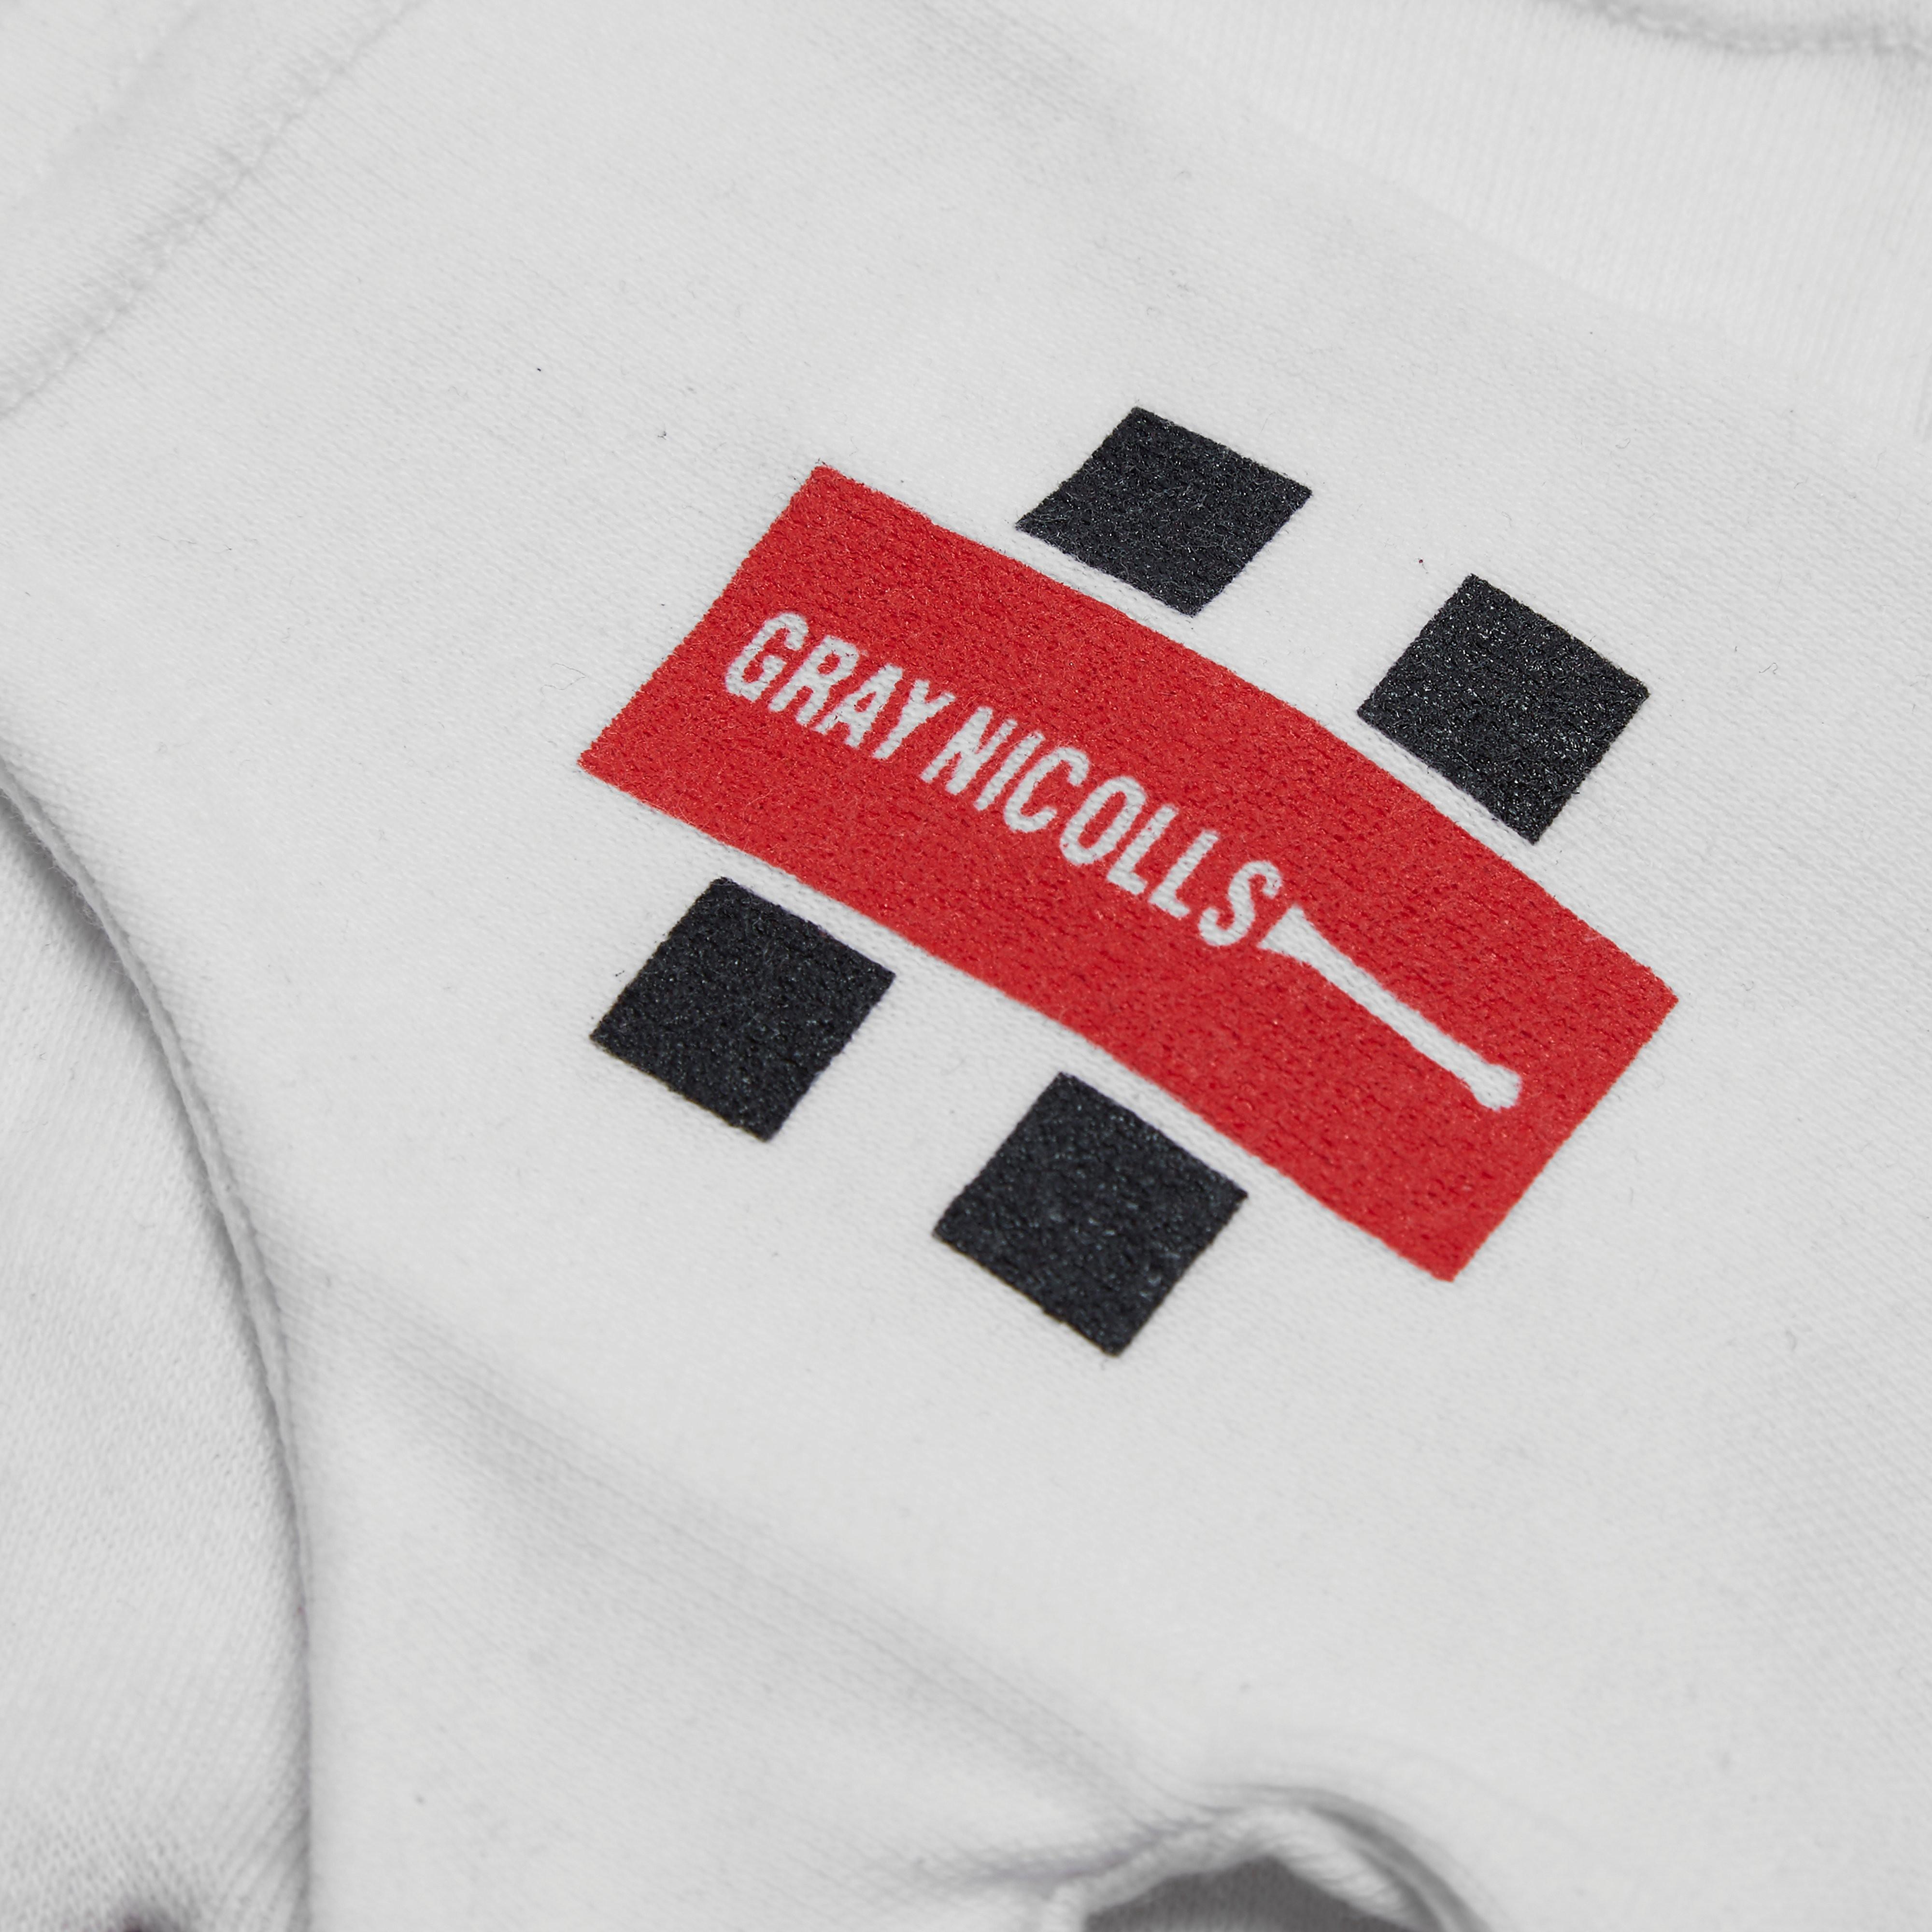 Gray Nicolls Pro Full Finger Batting Inners